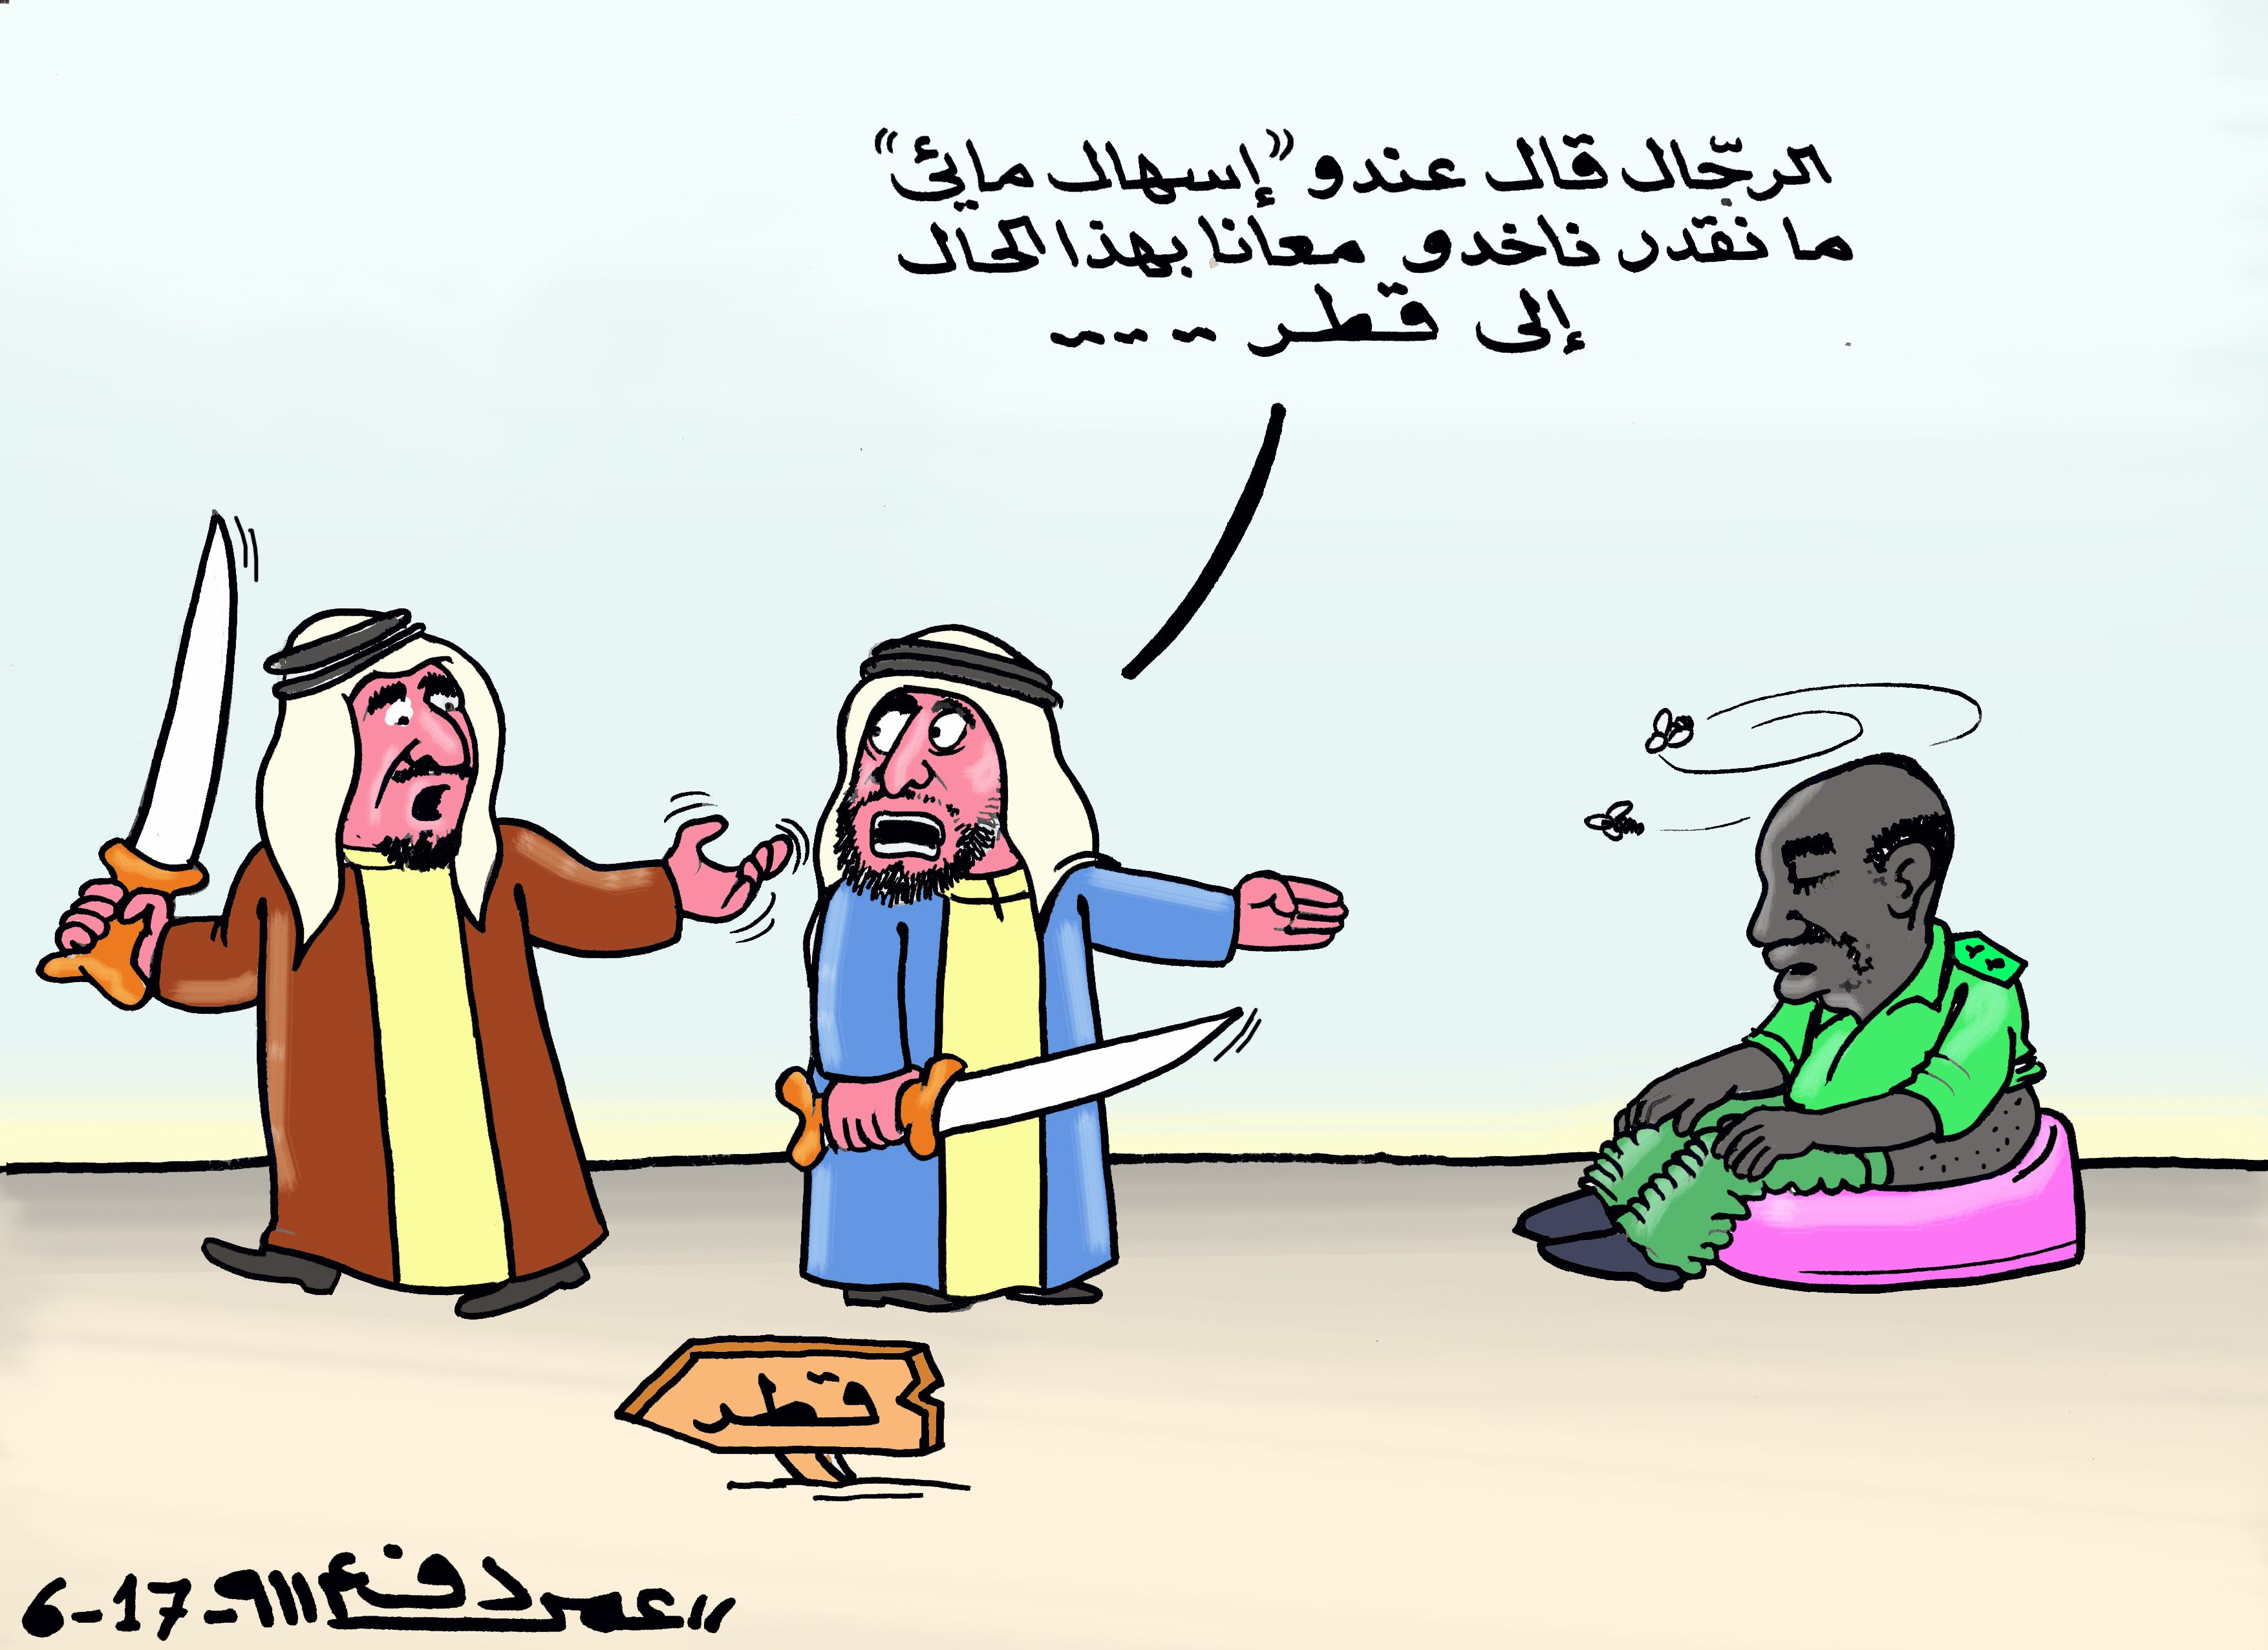 كاركاتير اليوم الموافق 18 يونيو 2017 للفنان عمر دفع الله عن  قطر و عمر البشير